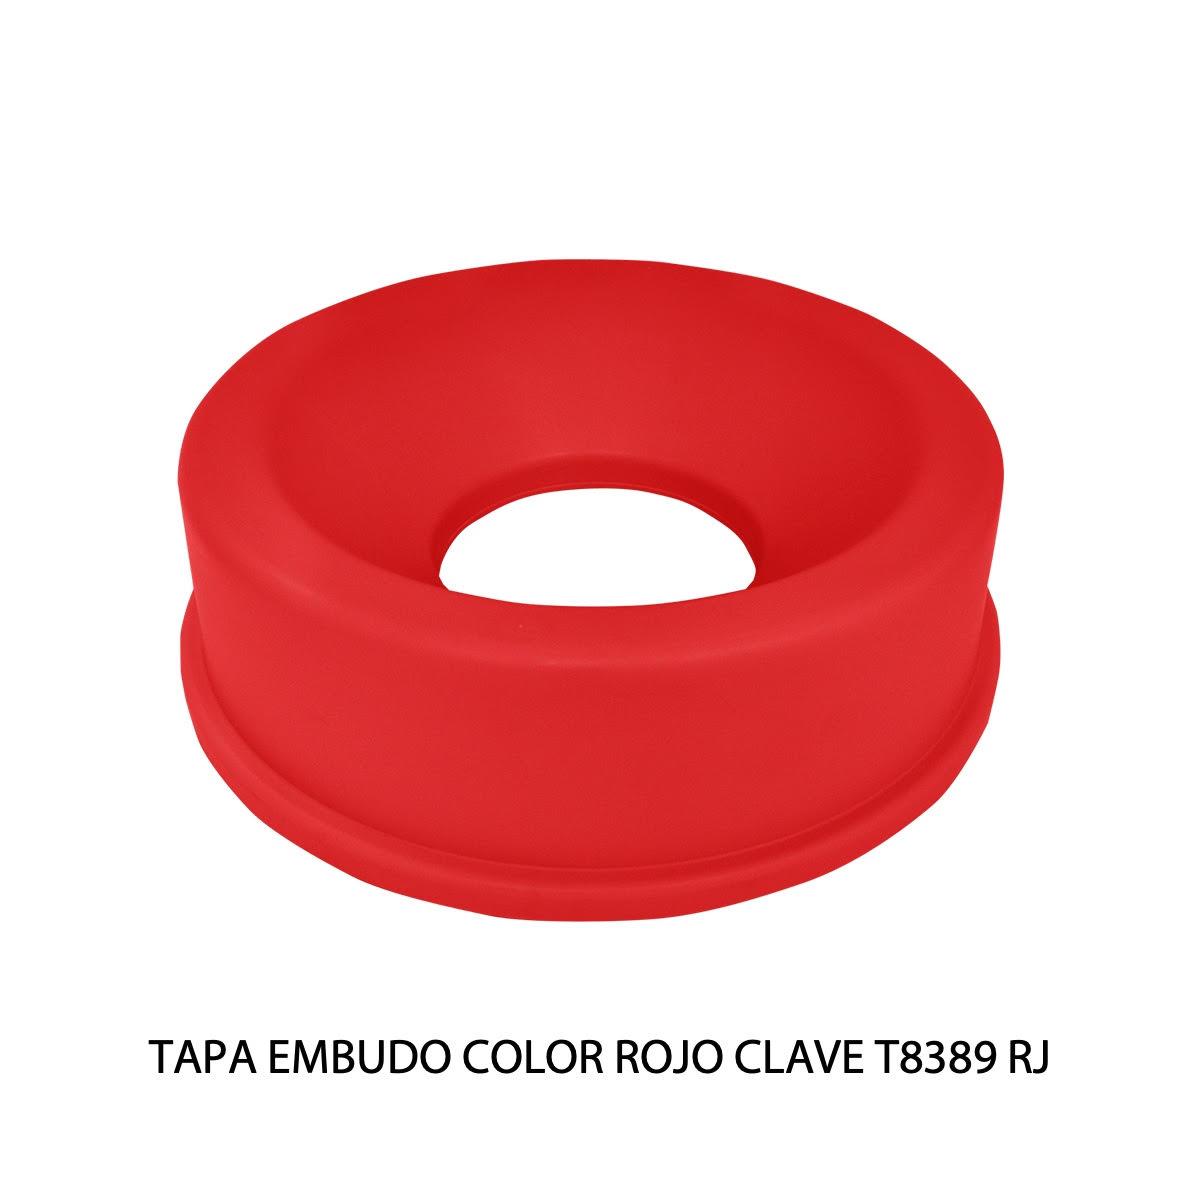 Tapa embudo color rojo clave T8389 RJ de Sablón